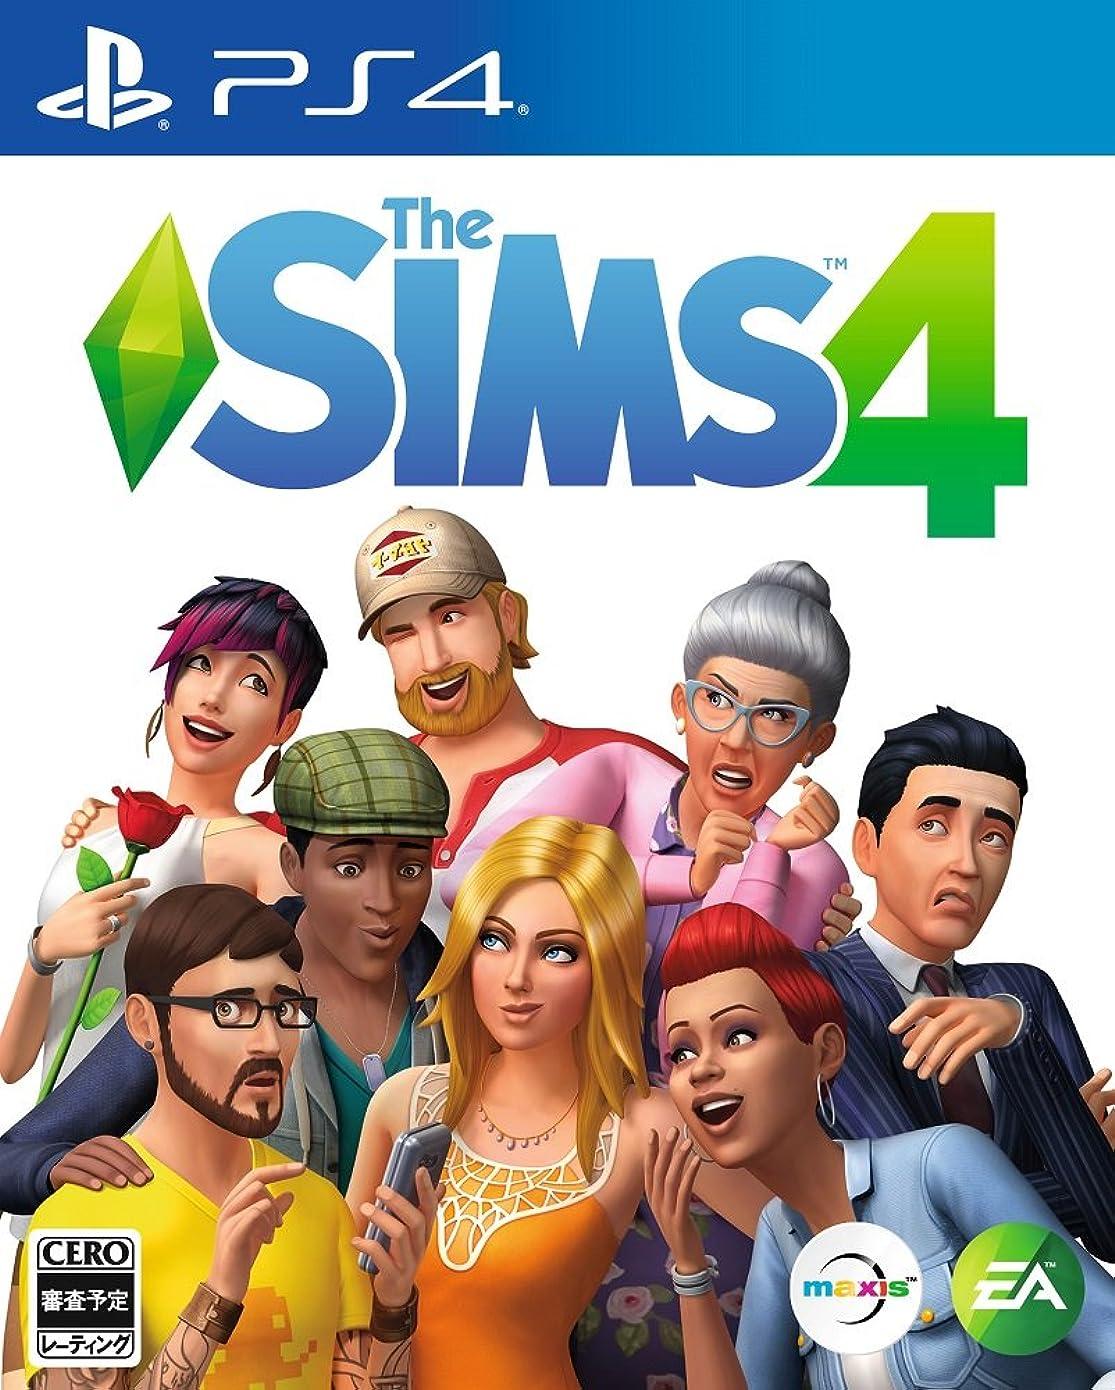 ダイバーウルル健康The Sims 4 【予約特典】Perfect Patio Stuff (DLコード) 同梱 & 【Amazon.co.jp限定】A4クリアファイル 付 - PS4